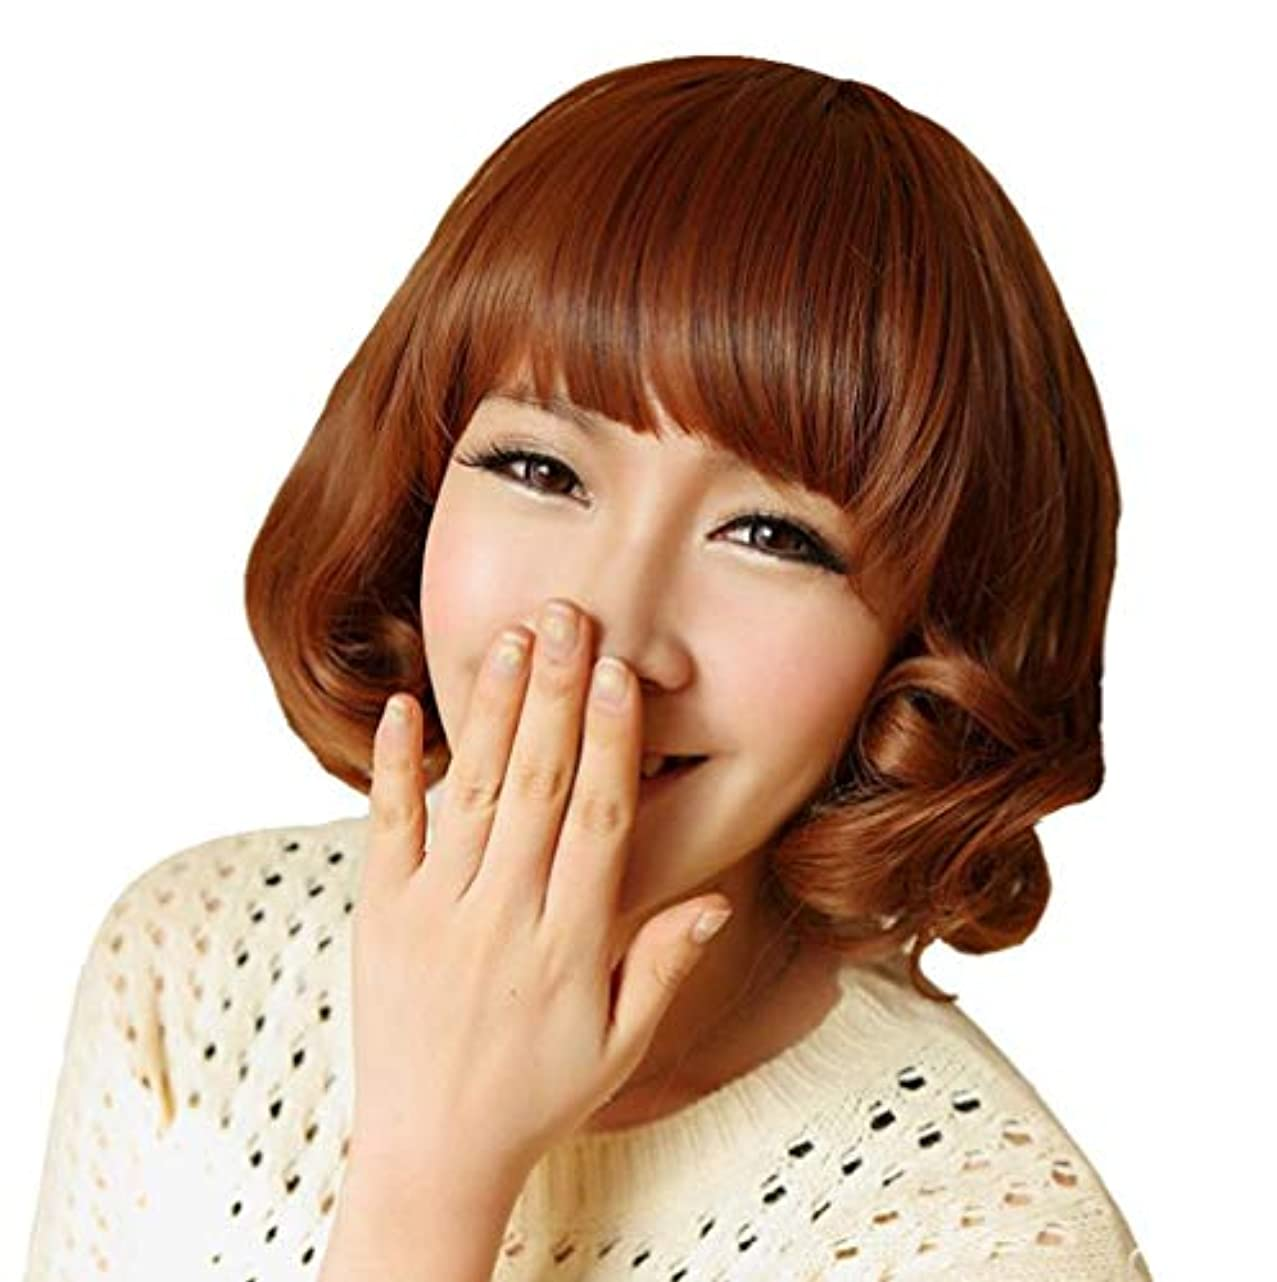 マッシュ入浴デジタルかつら女性ショートヘアボボヘッド空気前髪現実的な髪型 LH2206 (画像の色)